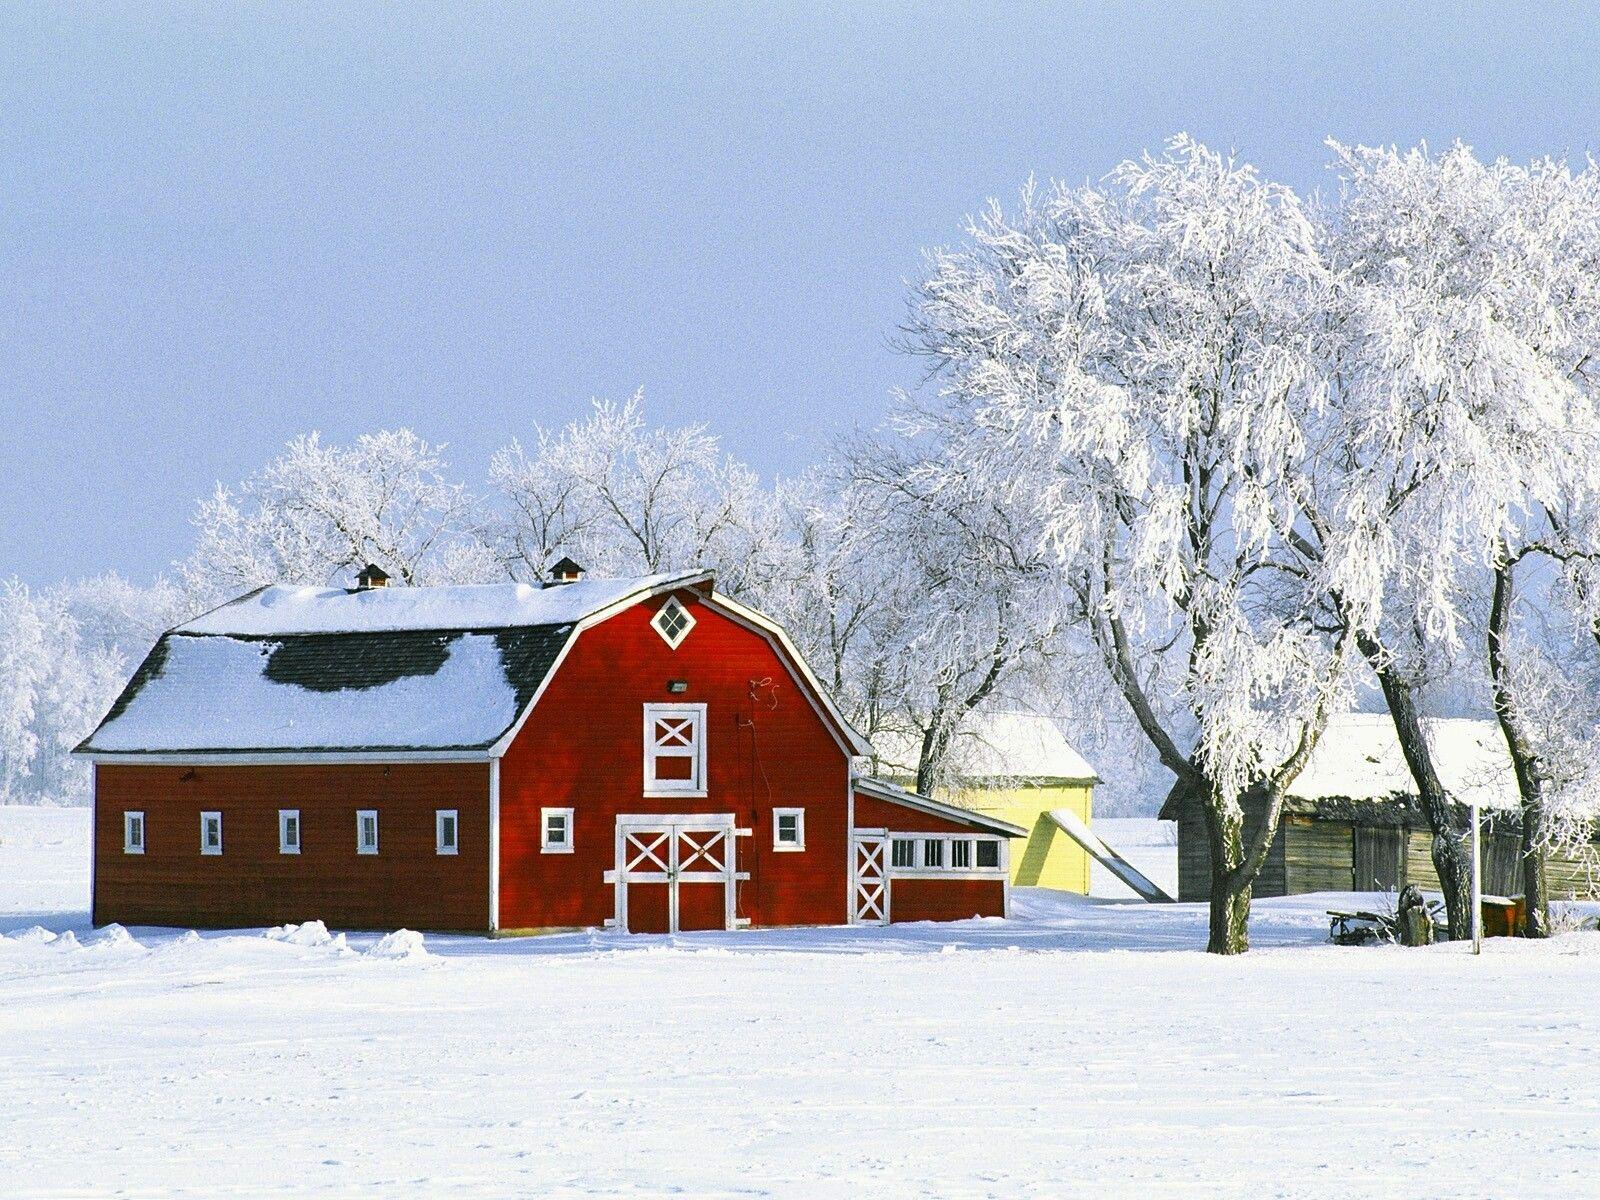 Canadian Winter On The Farm Winter Wallpaper Desktop Winter Wallpaper Hd Landscape